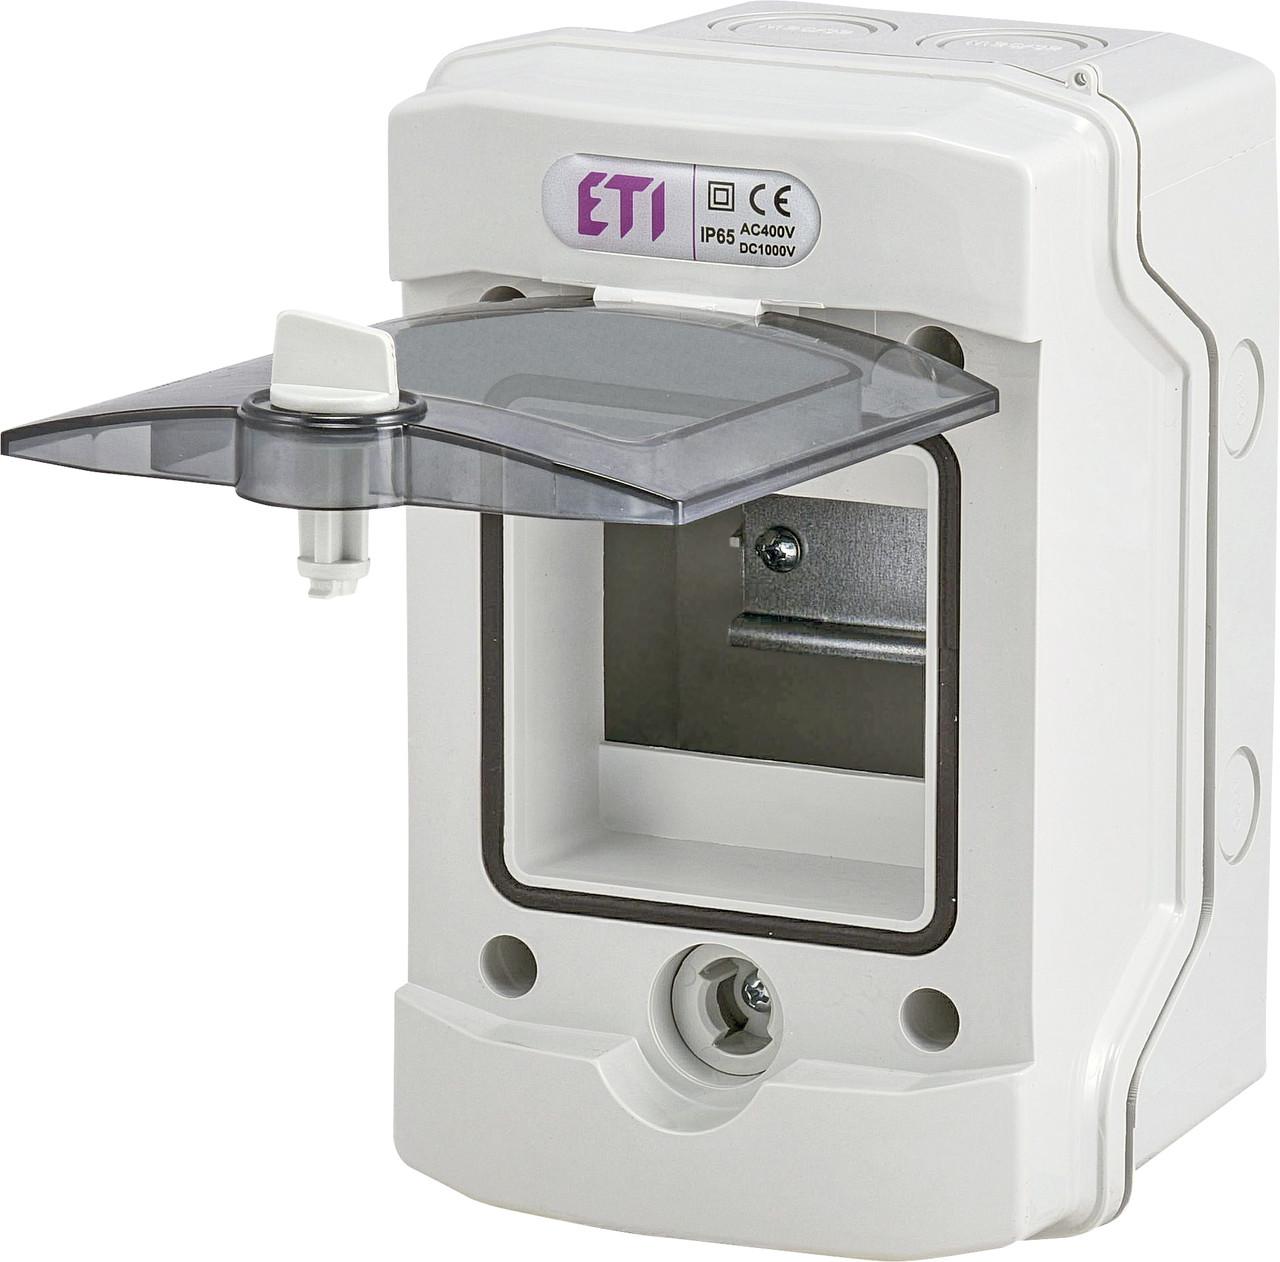 Пластиковый щит ECH 4G 4 модуля внешней установки IP65 ETI